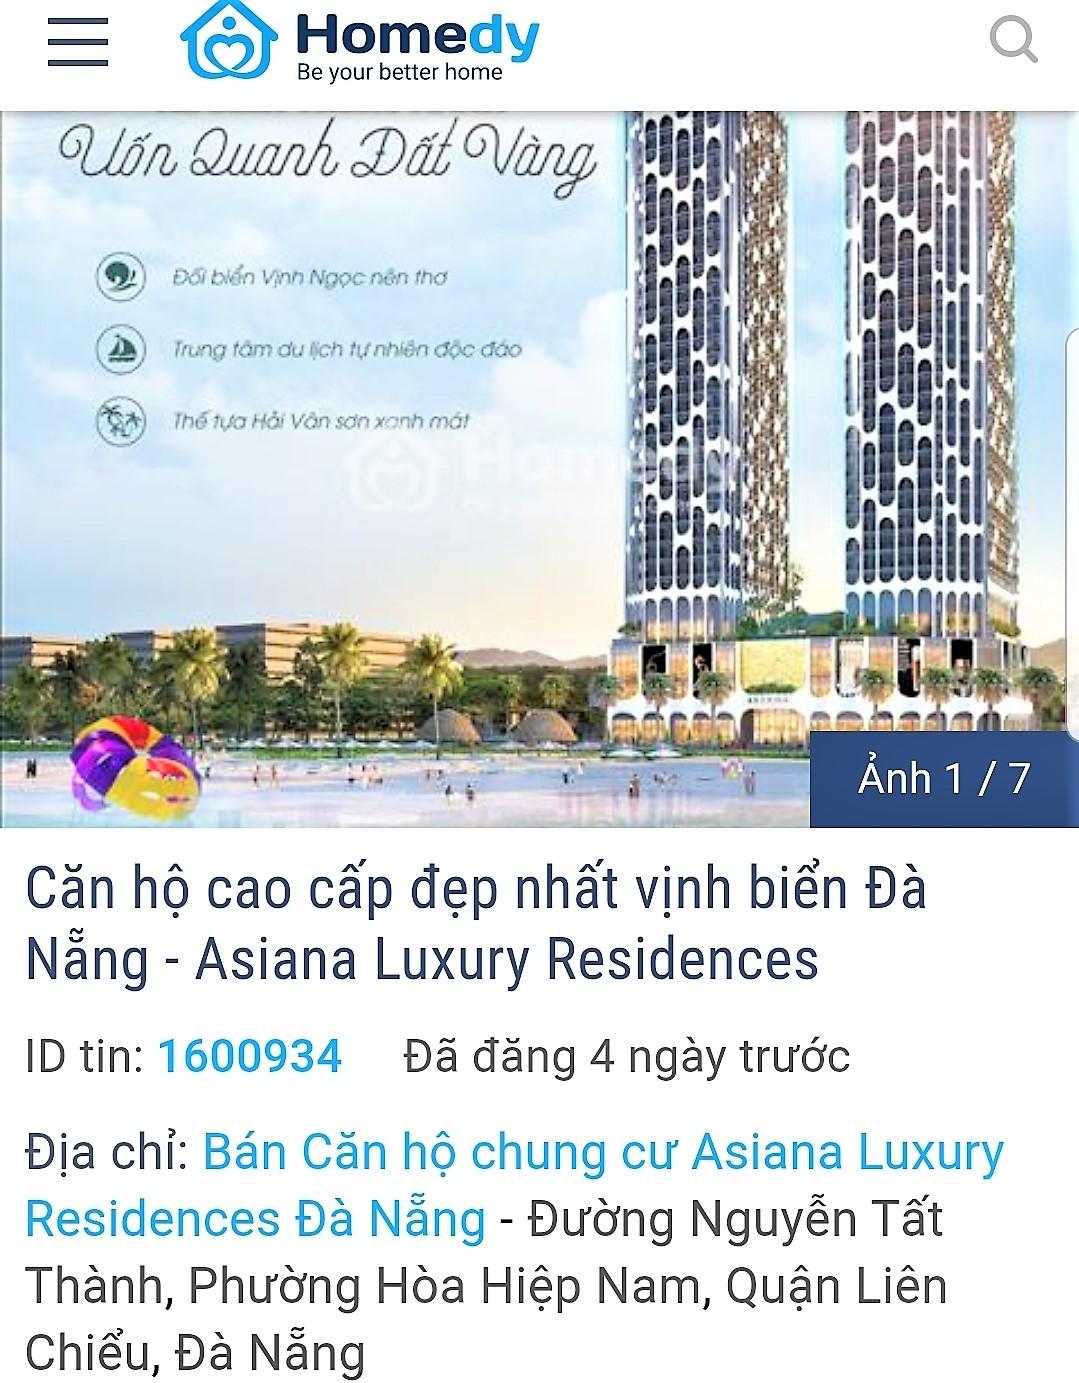 Căn hộ dự án Asiana được rao bán rầm rộ khi chưa được cấp phép, với mức giá được rao bán tư 50 – 53triệu/m2.